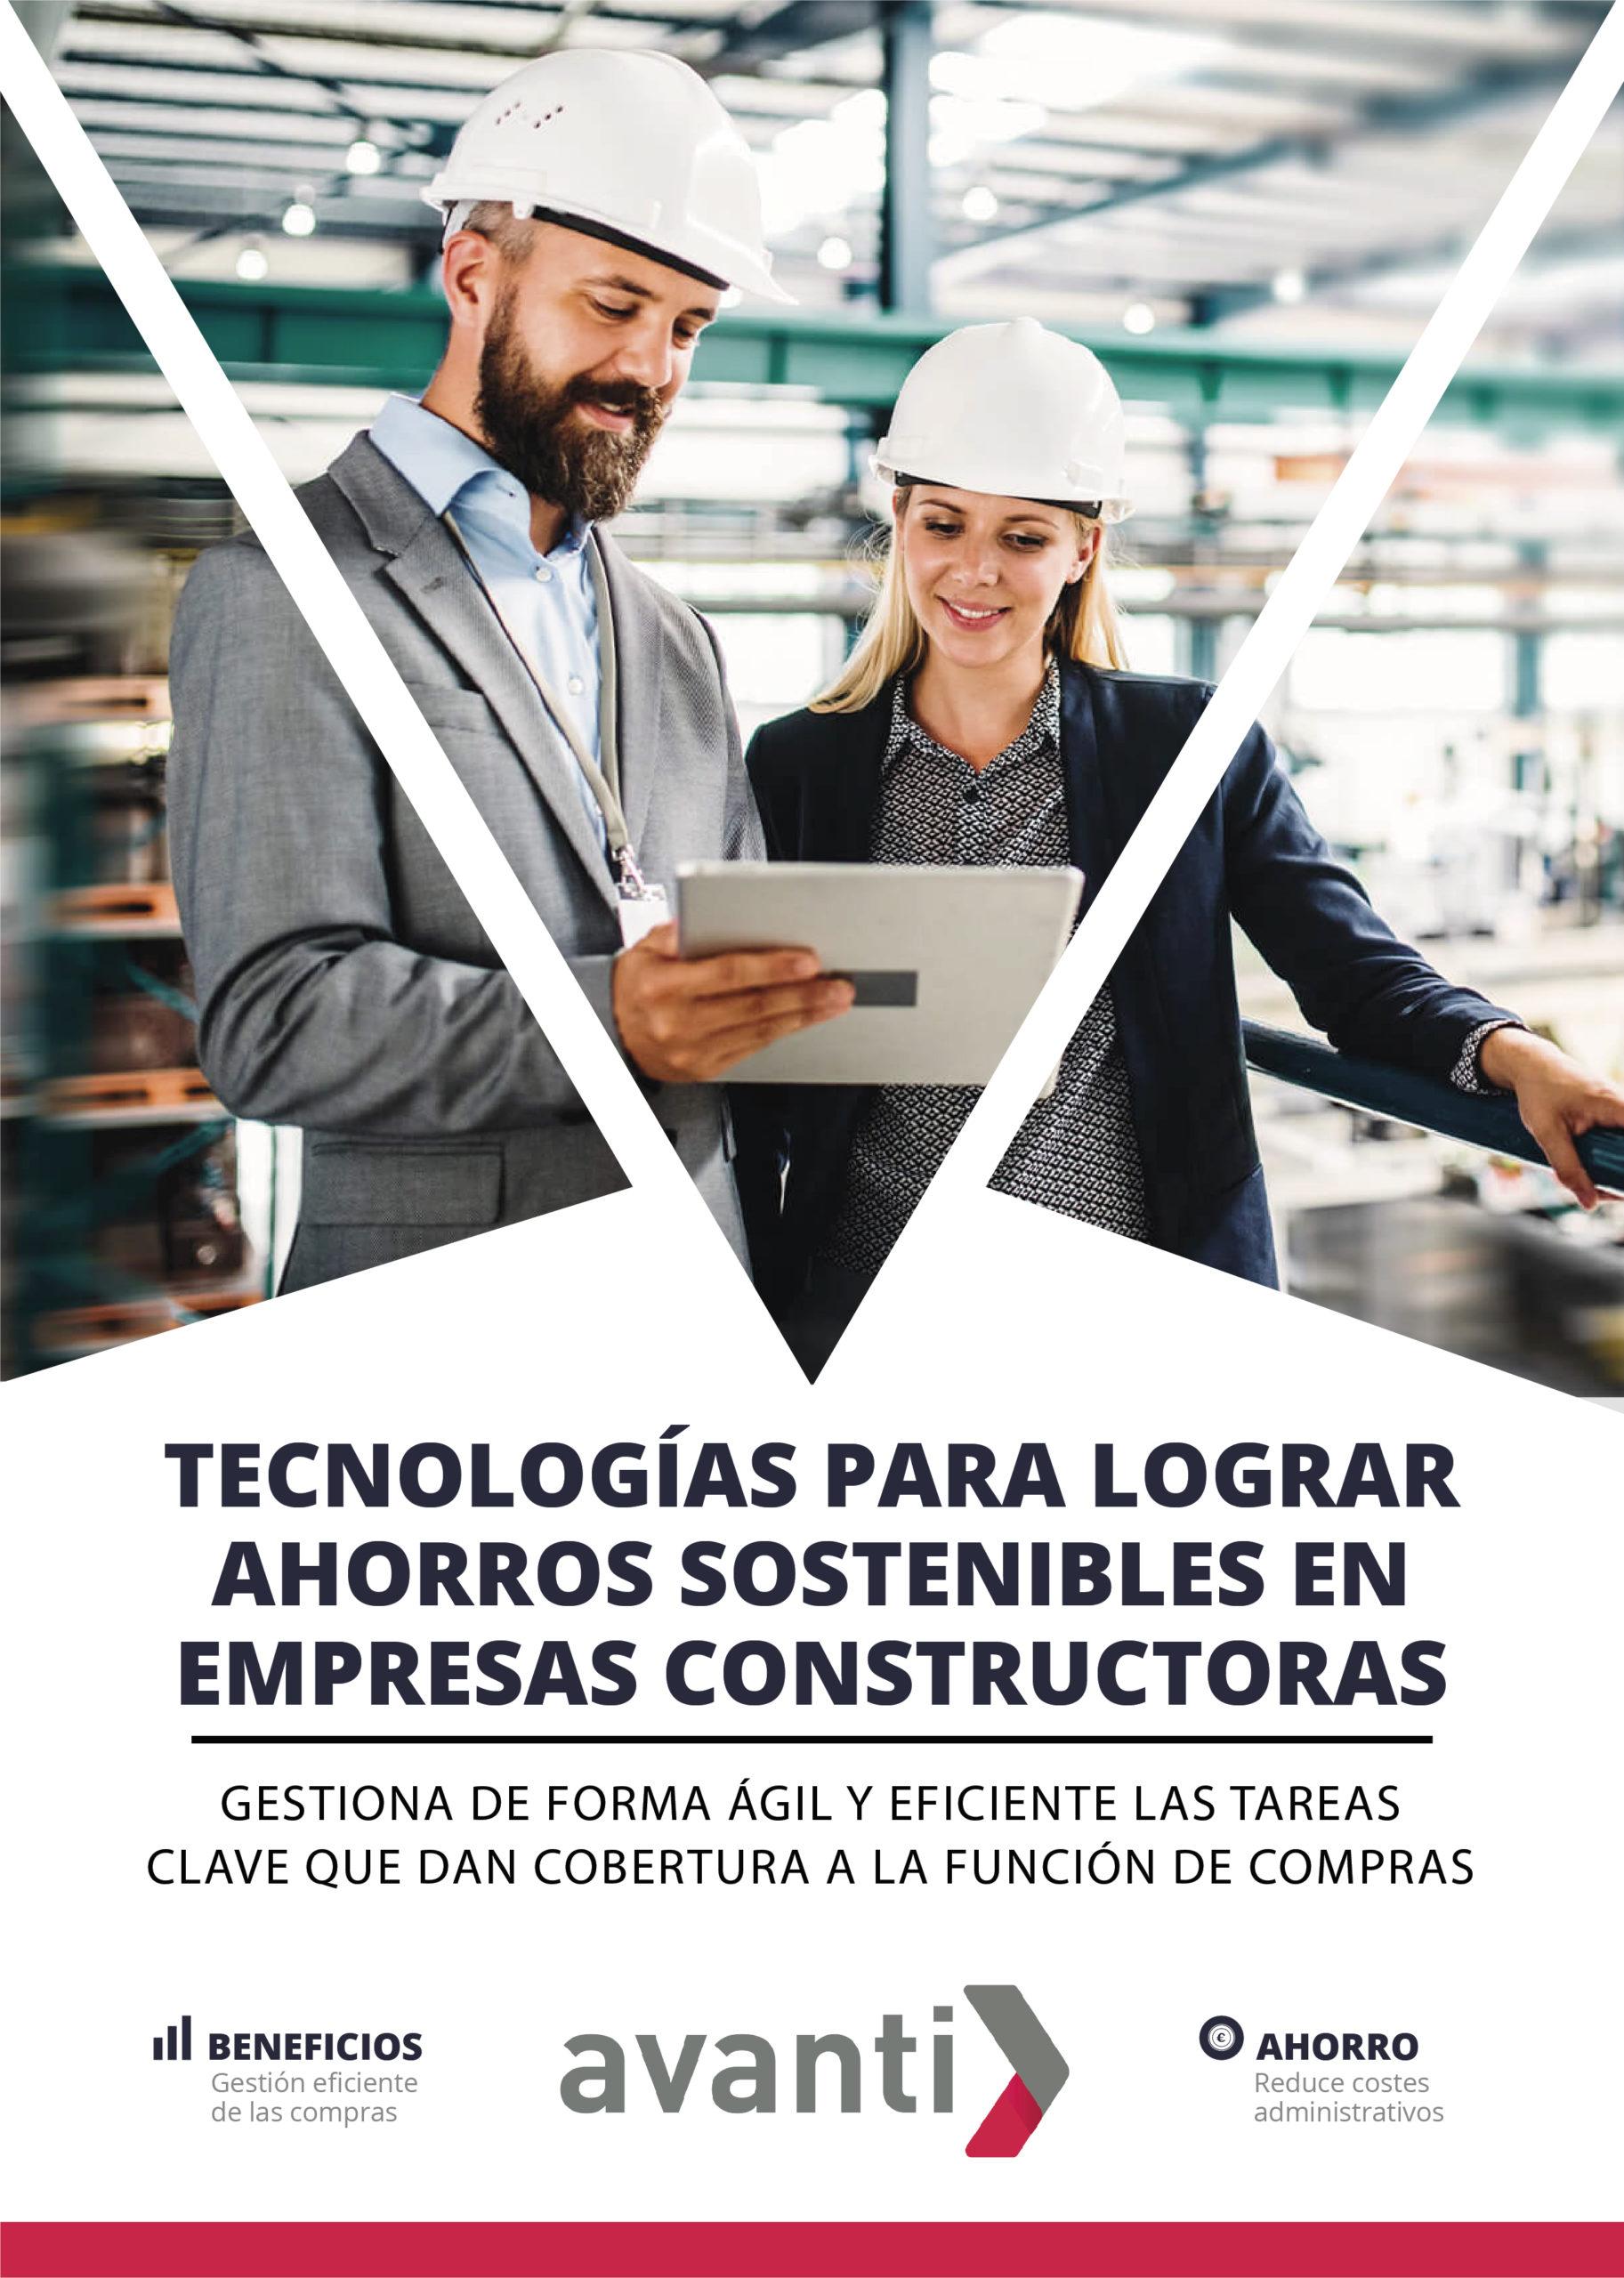 PORTADA EBOOK TECNOLOGIAS PARA LOGRAR AHORROS SOSTENIBLES EN EMPRESAS CONSTRUCTORAS